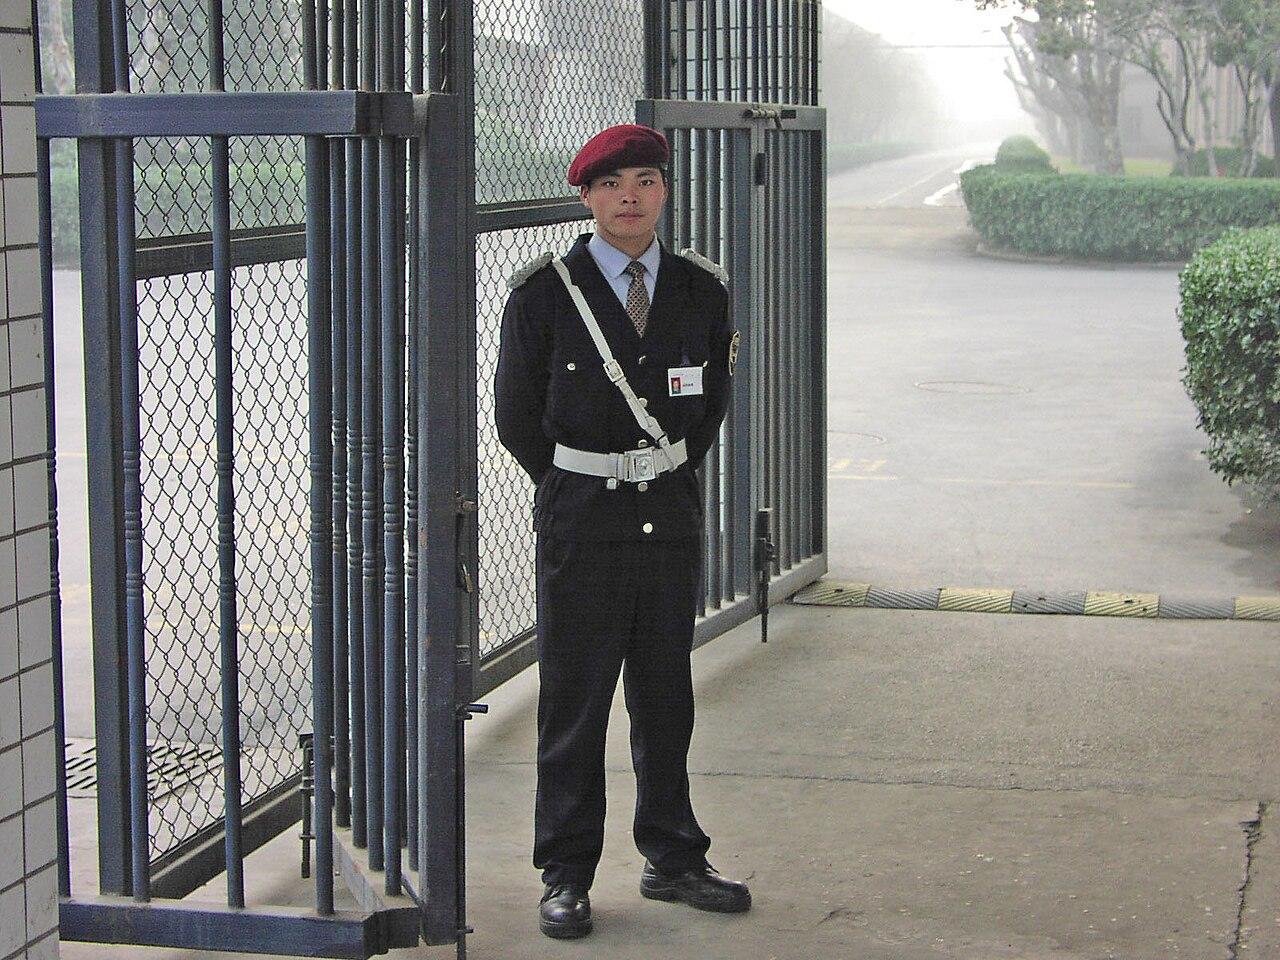 Private Guard